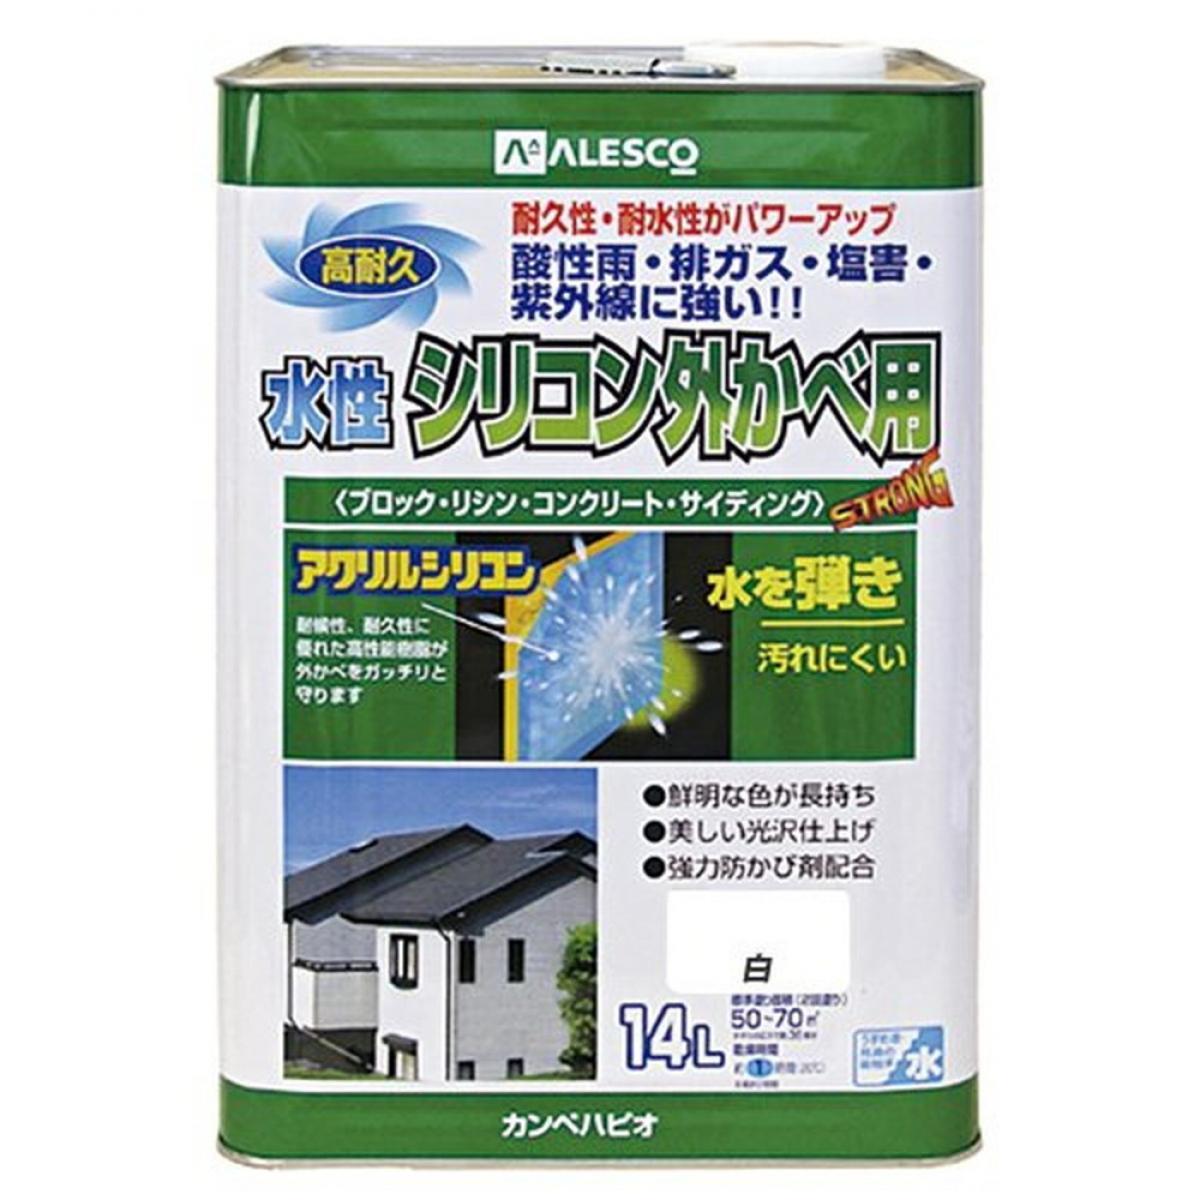 カンペハピオ 水性シリコン外かべ用 白 14L